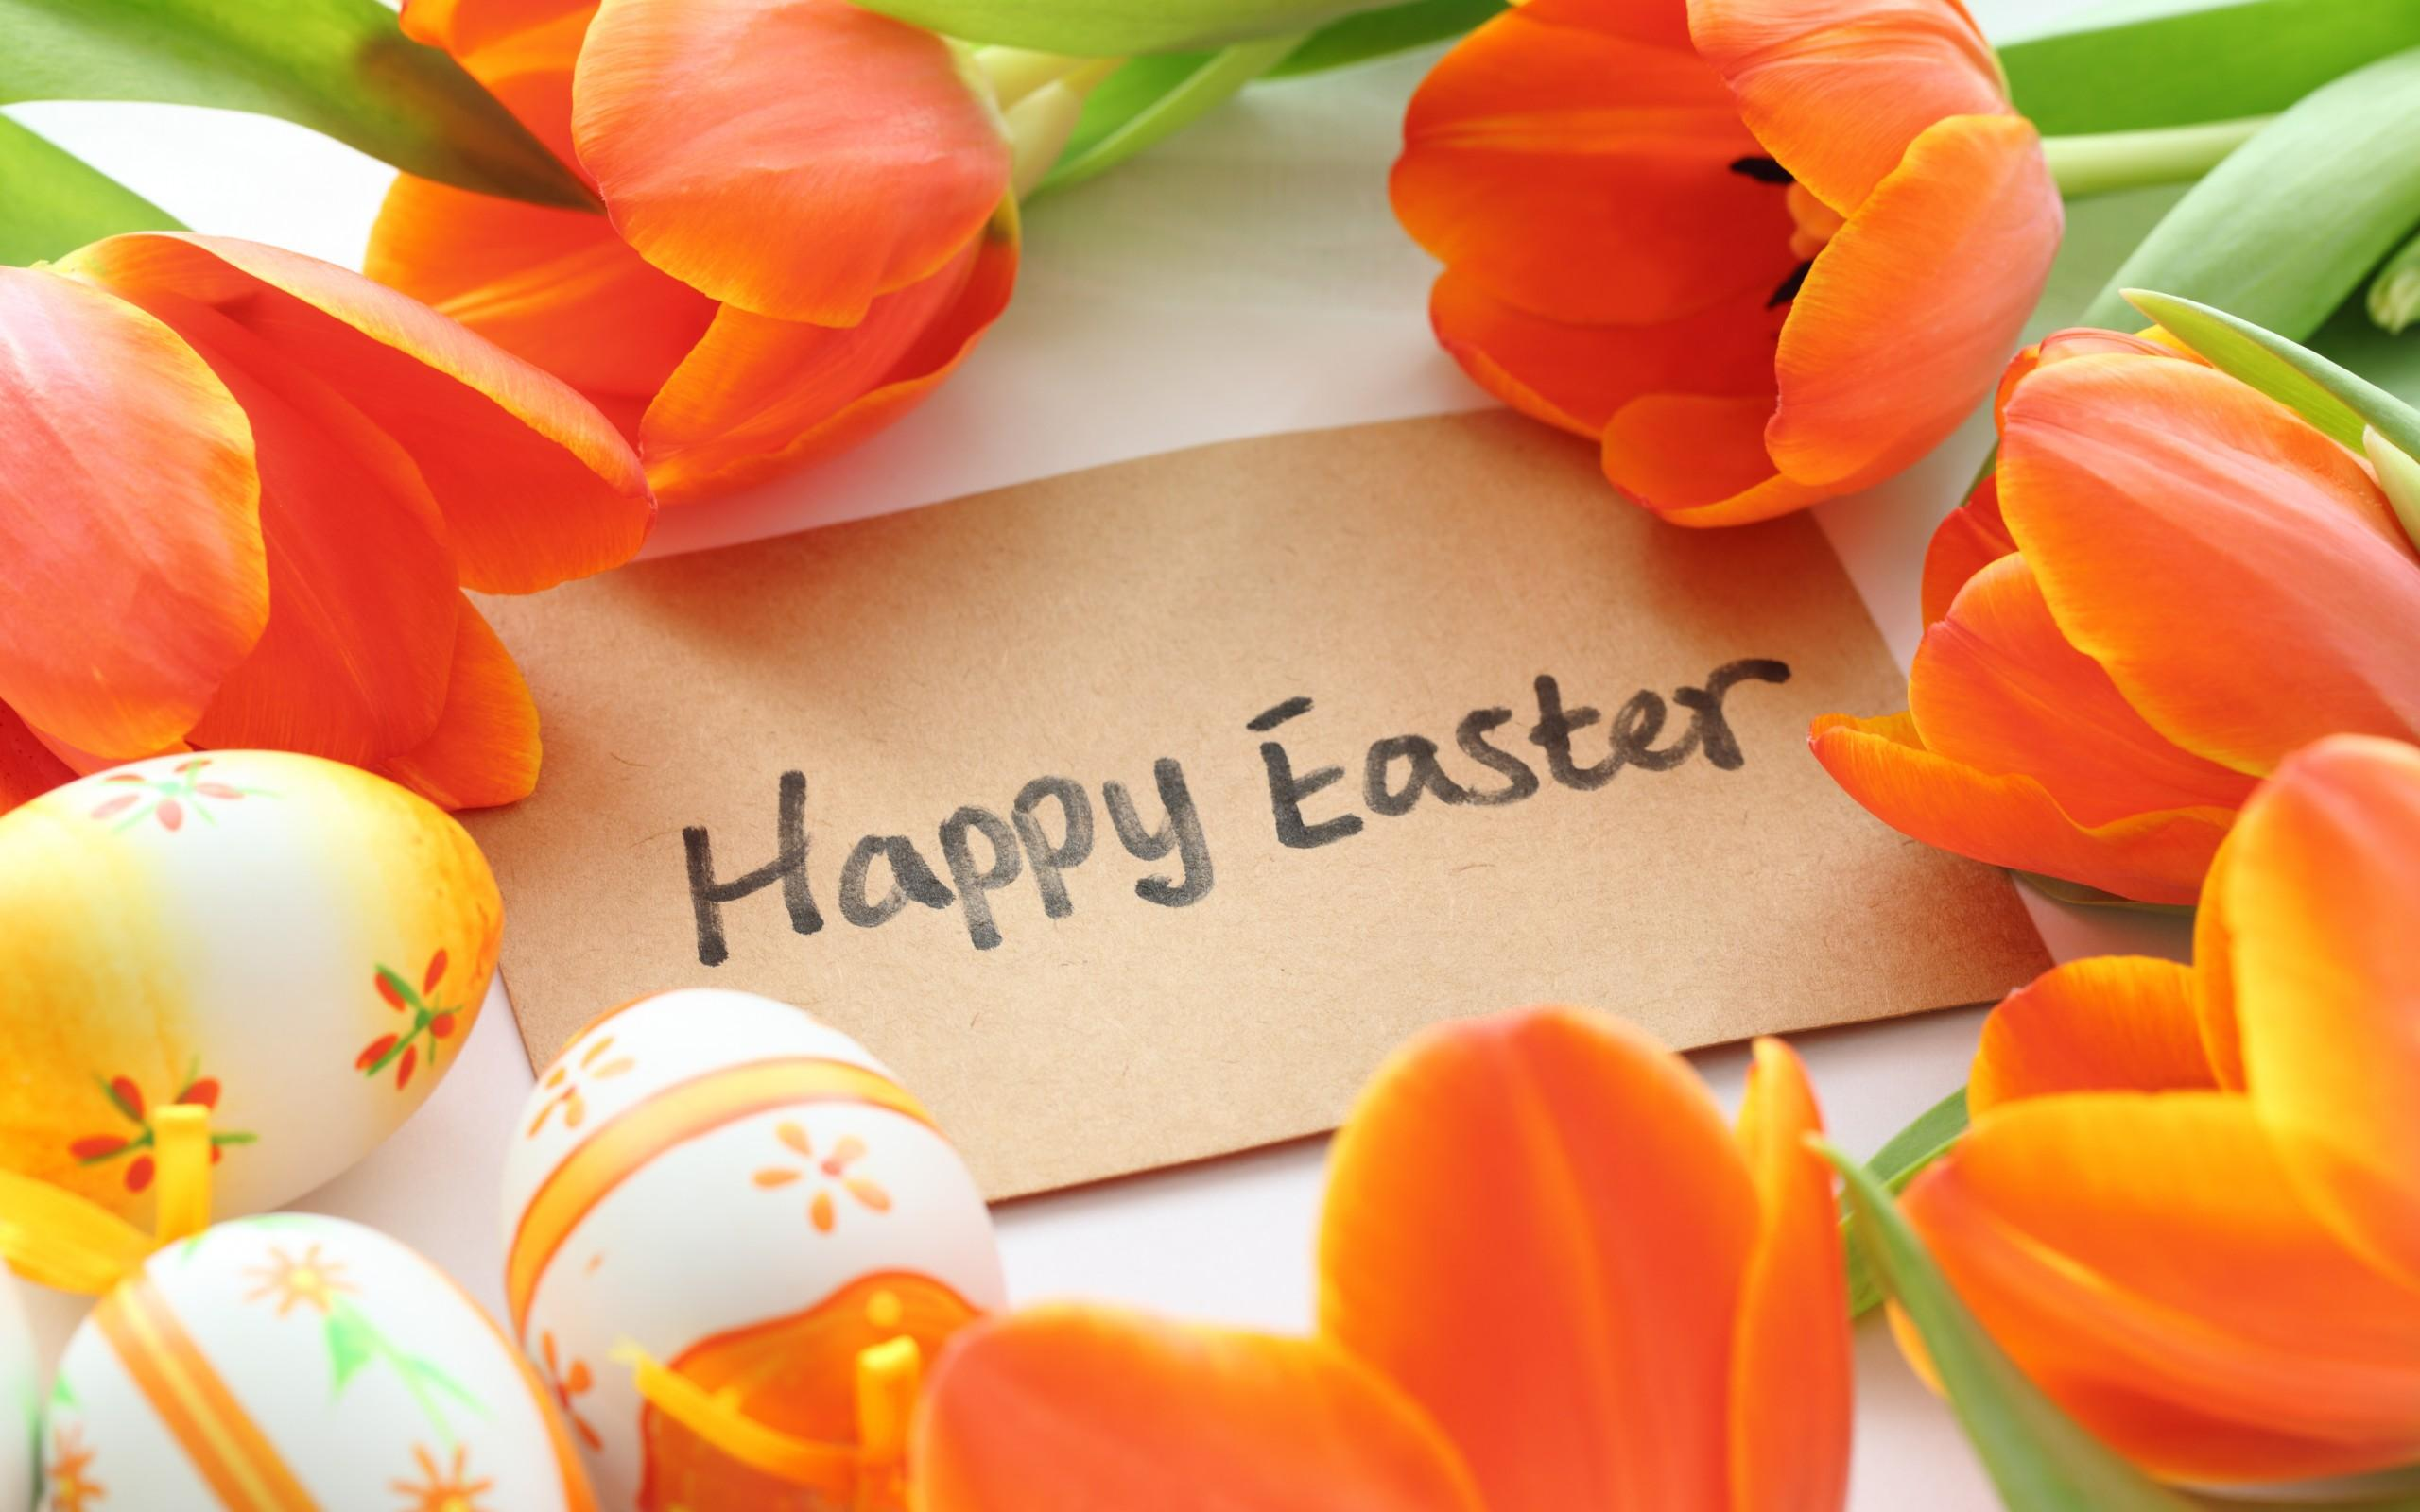 Bildergebnis für Happy Easter